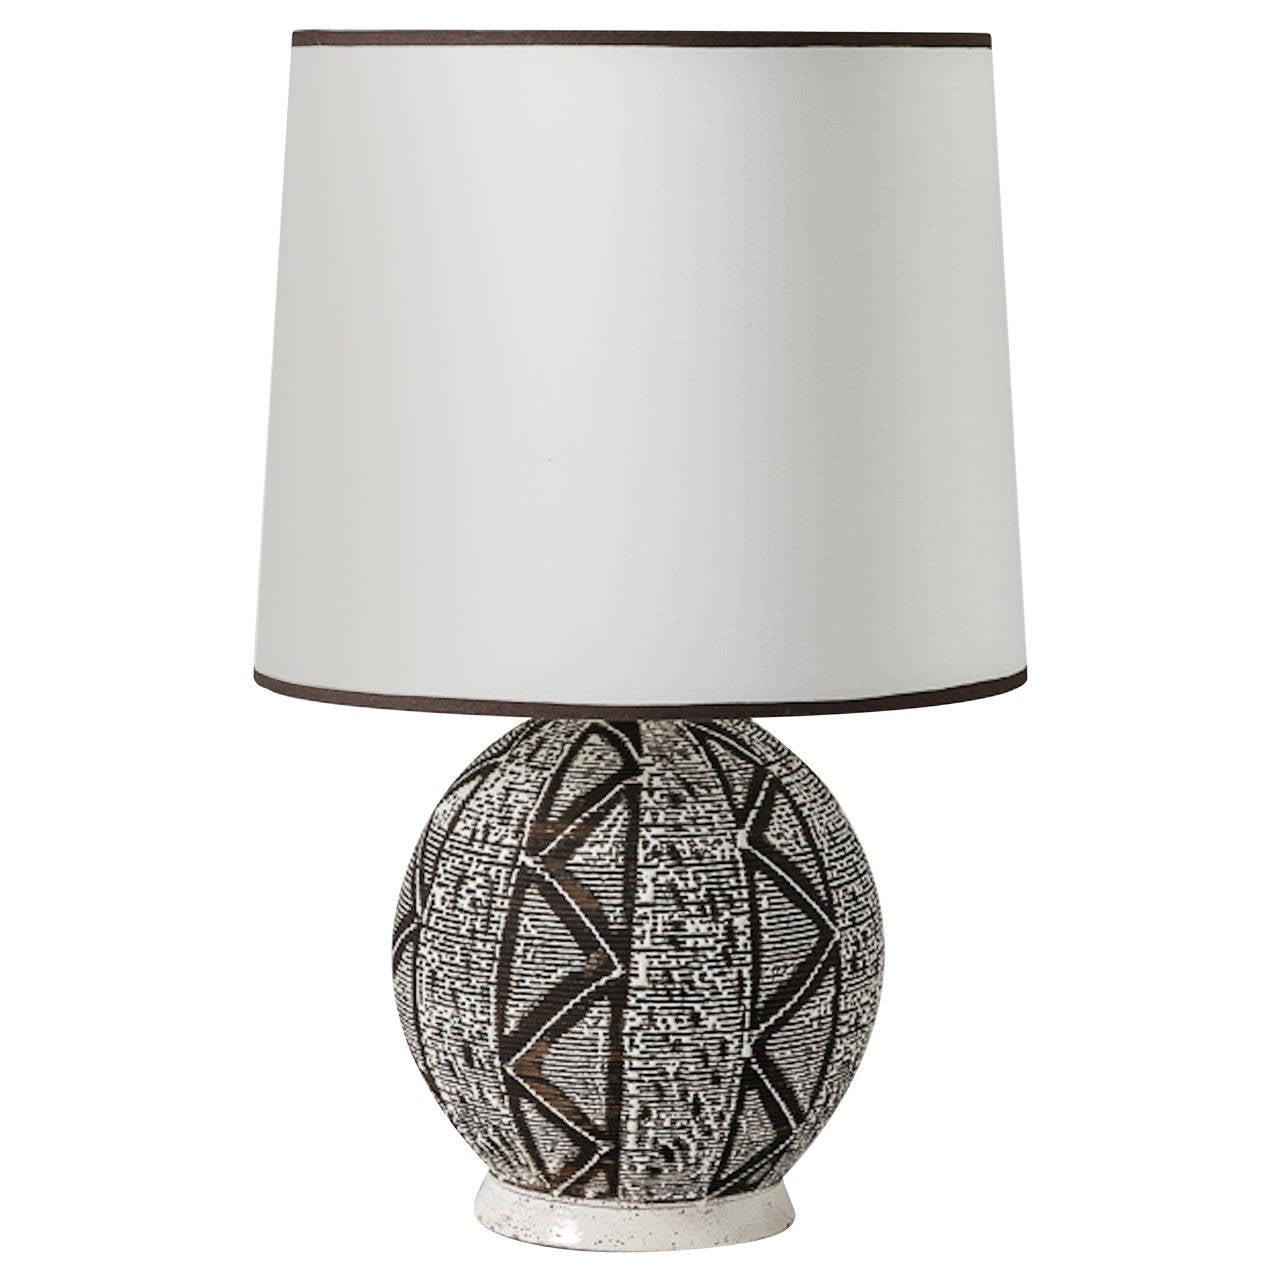 Interesting Africanist Ceramic Lamp, circa 1930-1940, Attributed to Primavera